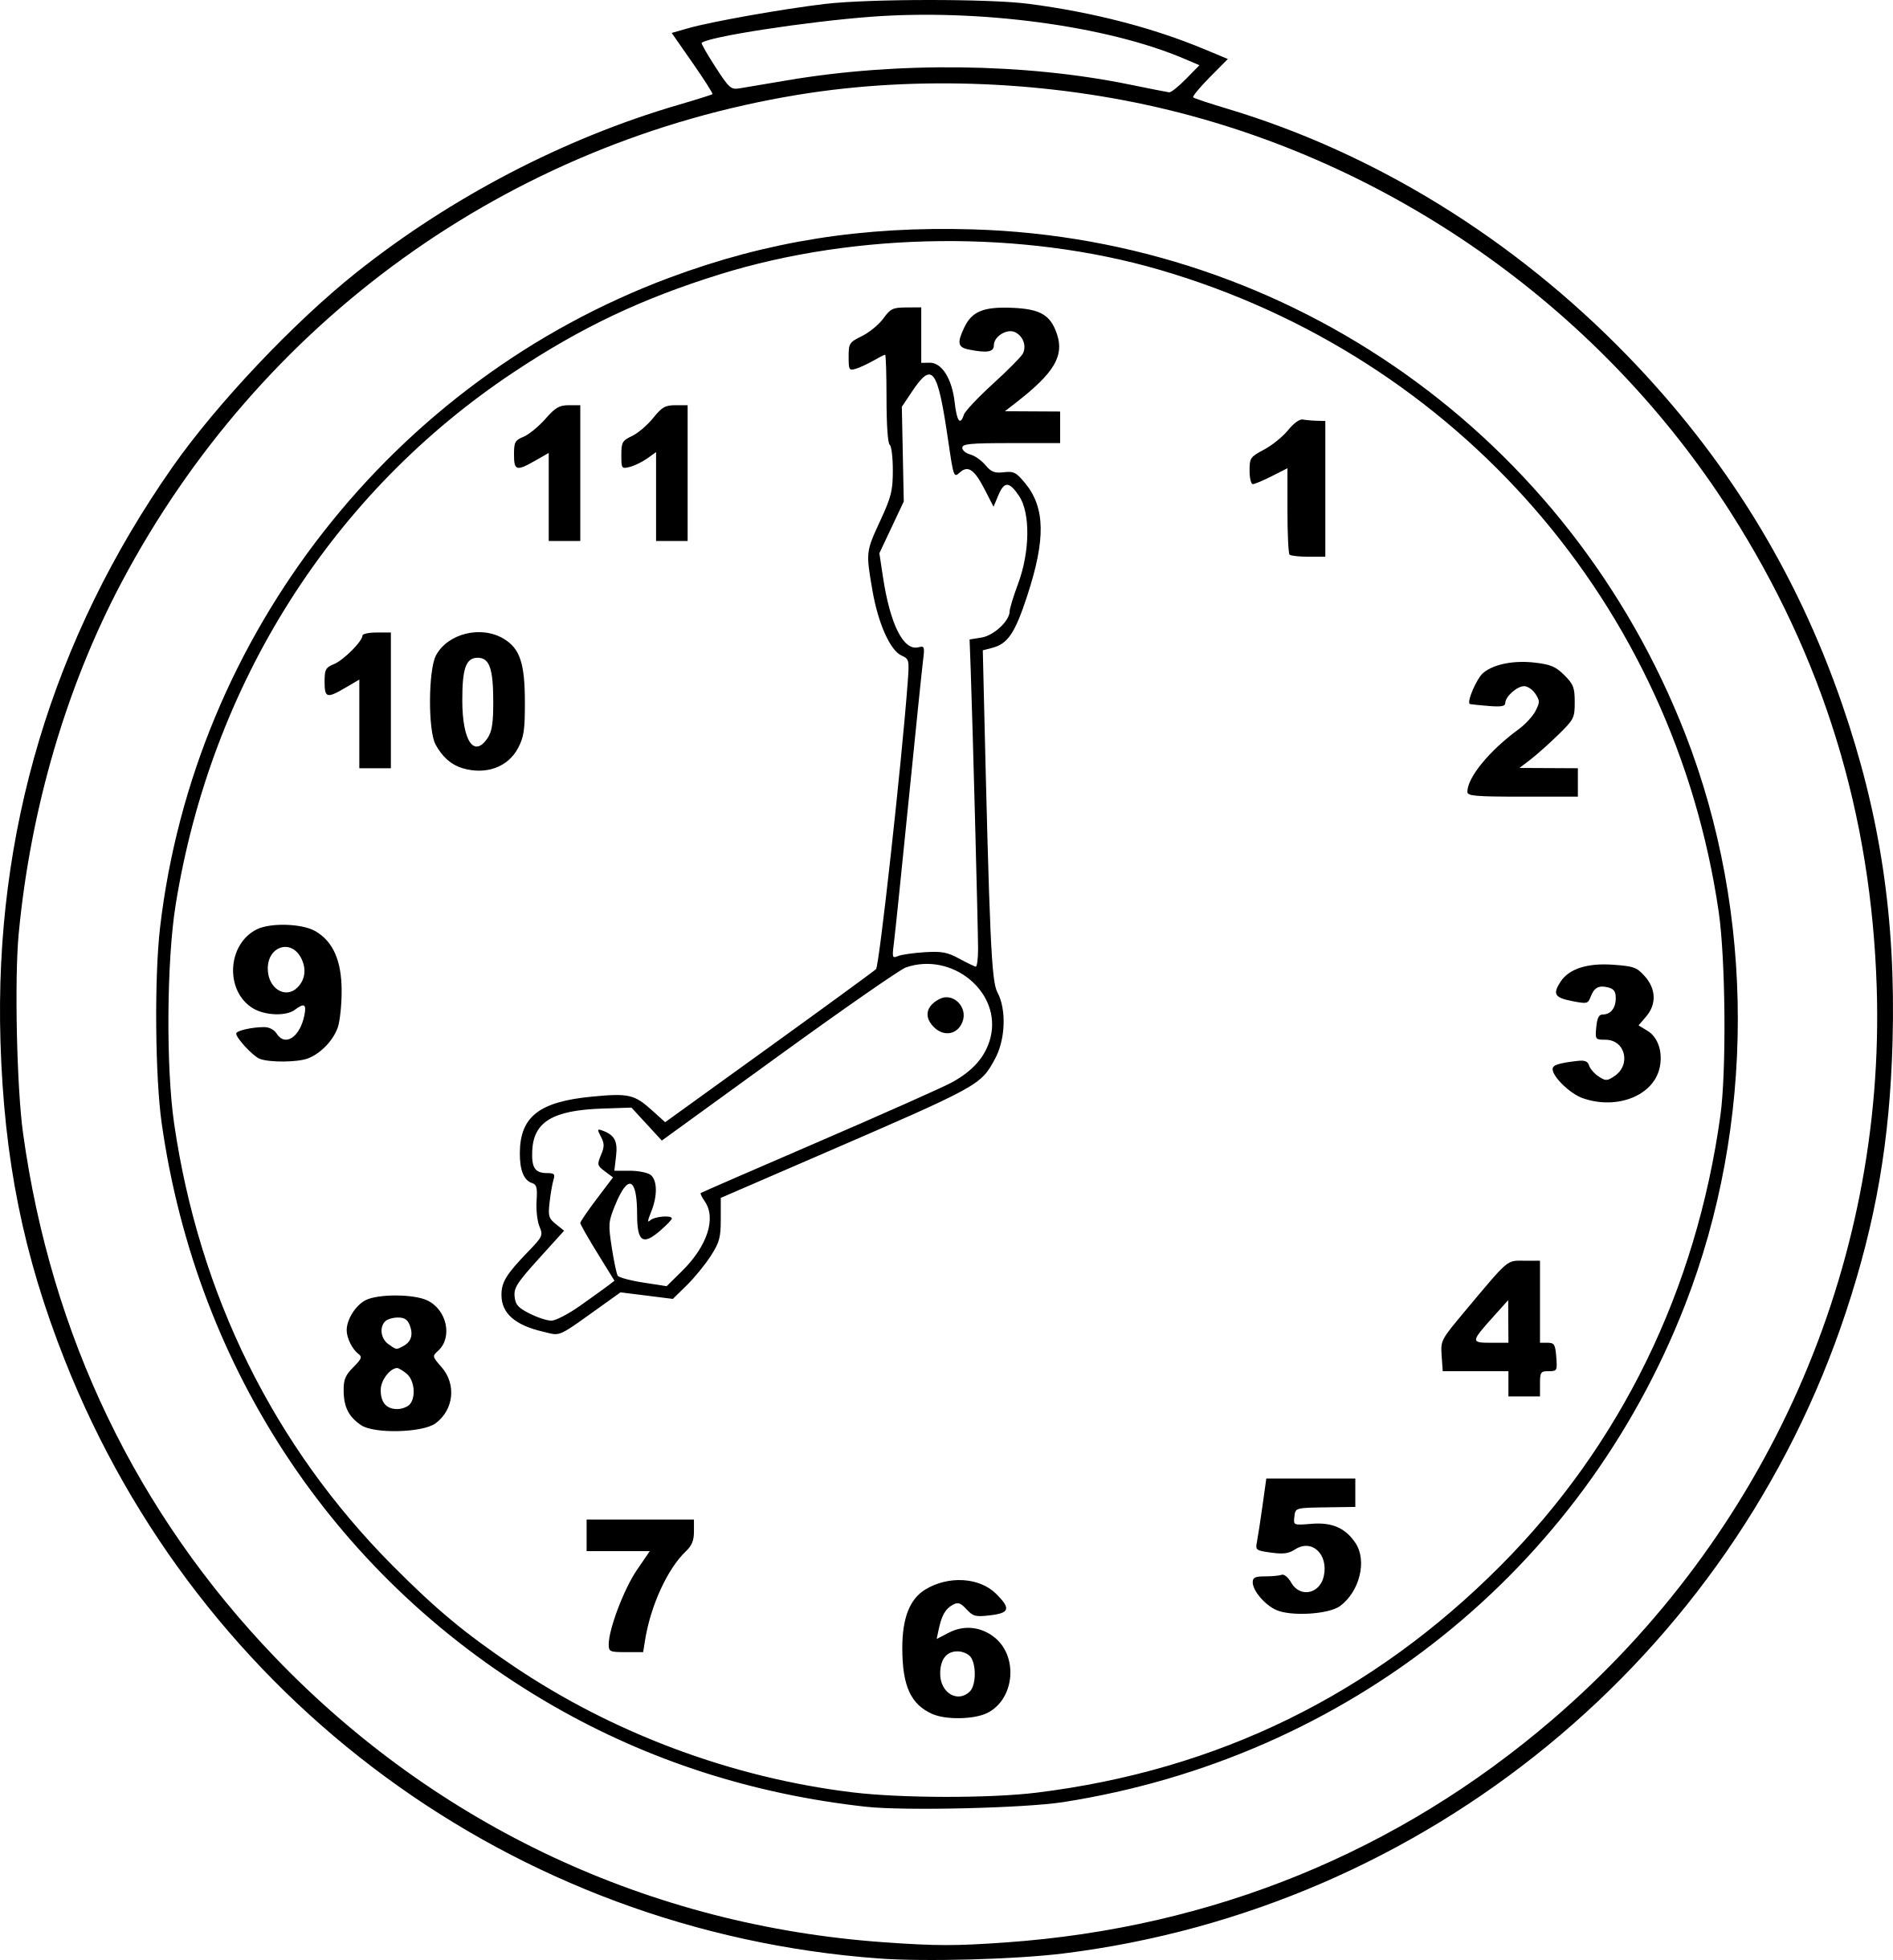 Coloriage Horloge Dessin À Imprimer Sur Coloriages concernant Dessin D Horloge